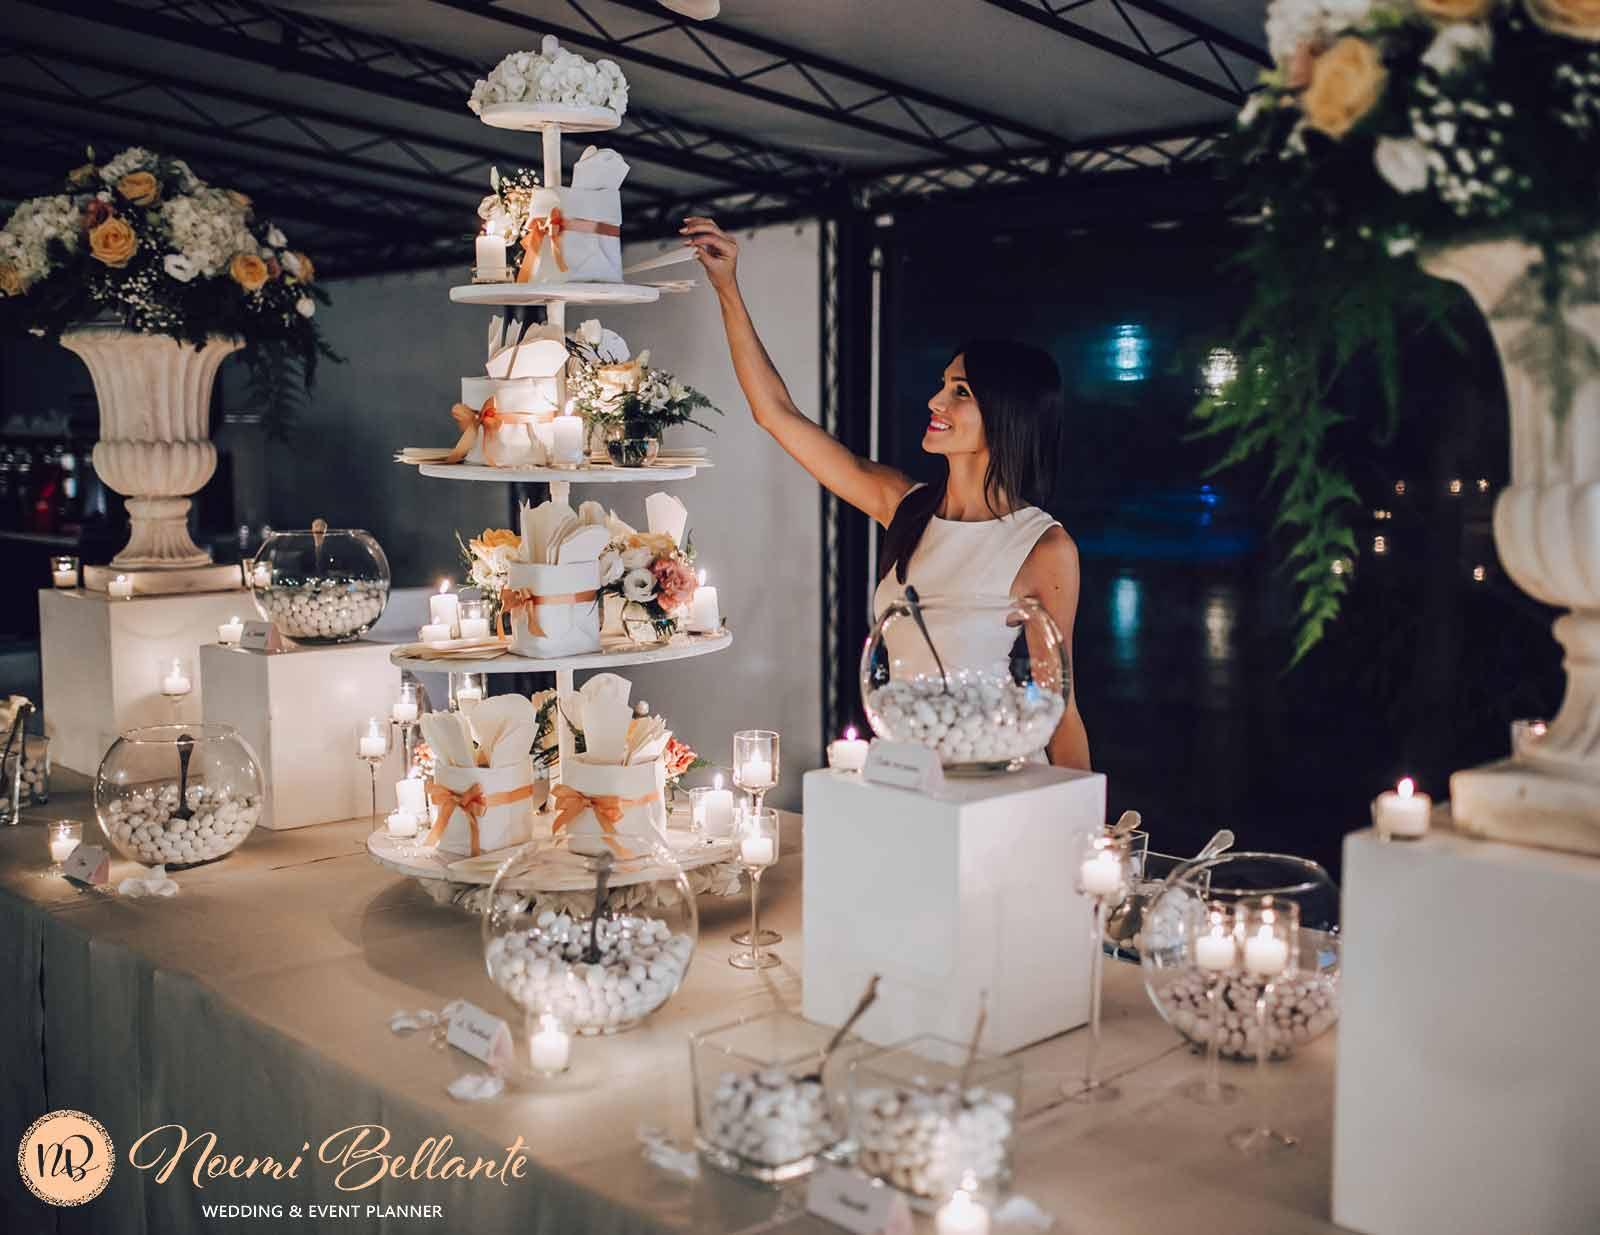 noemi-bellante-wedding-planner-pescara-abruzzo-organizzare-matrimonio-last-minute-1